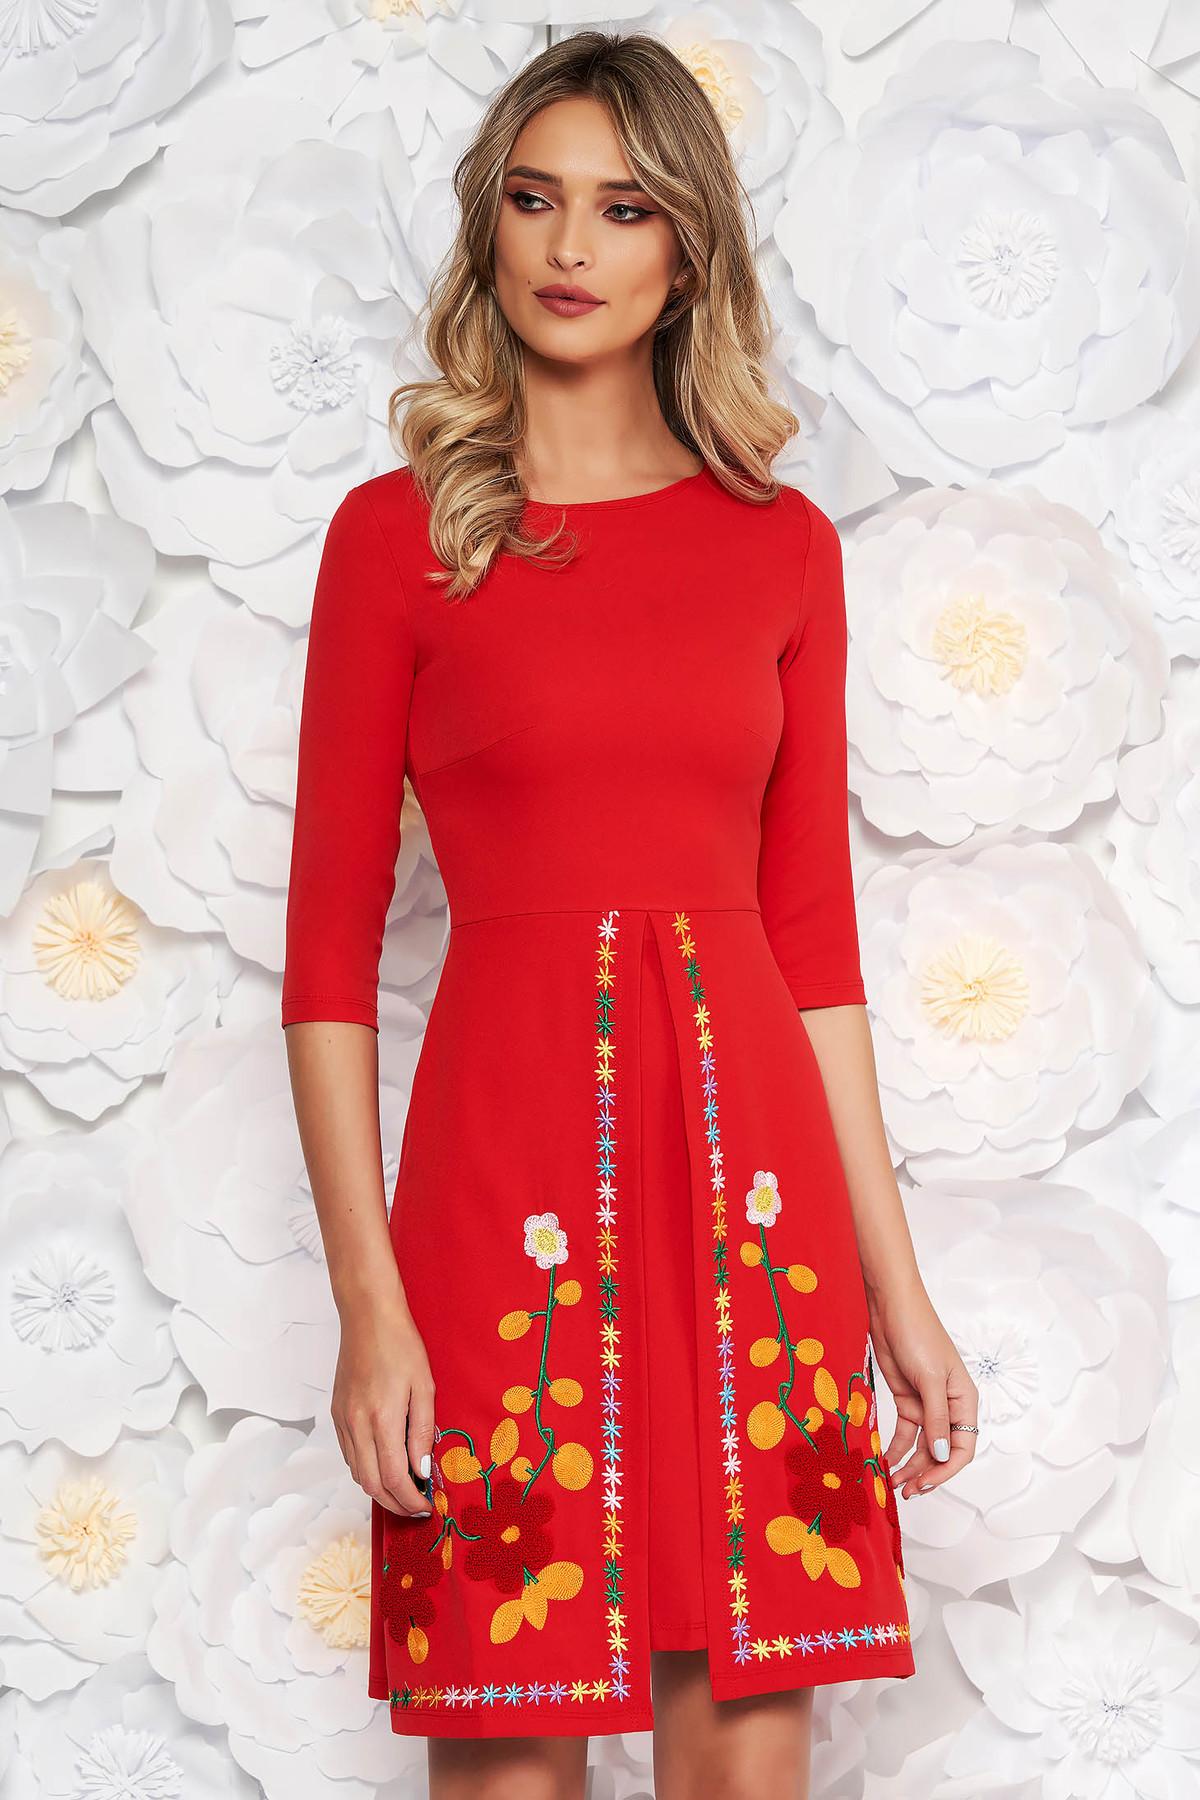 a429ba5f1c Piros SunShine hétköznapi a-vonalú ruha enyhén rugalmas anyag hímzett  betétekkel